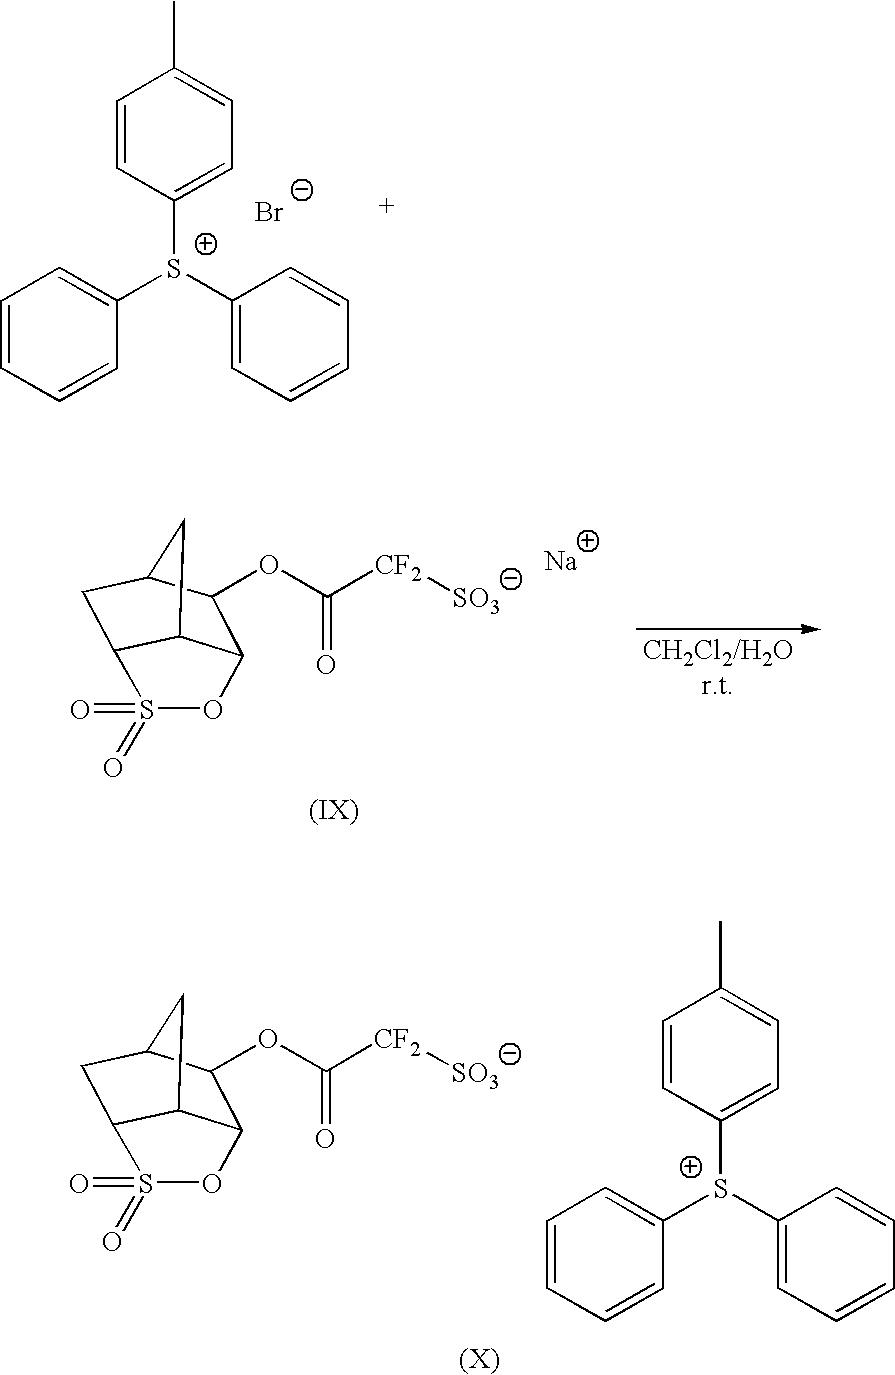 Figure US20100136480A1-20100603-C00101